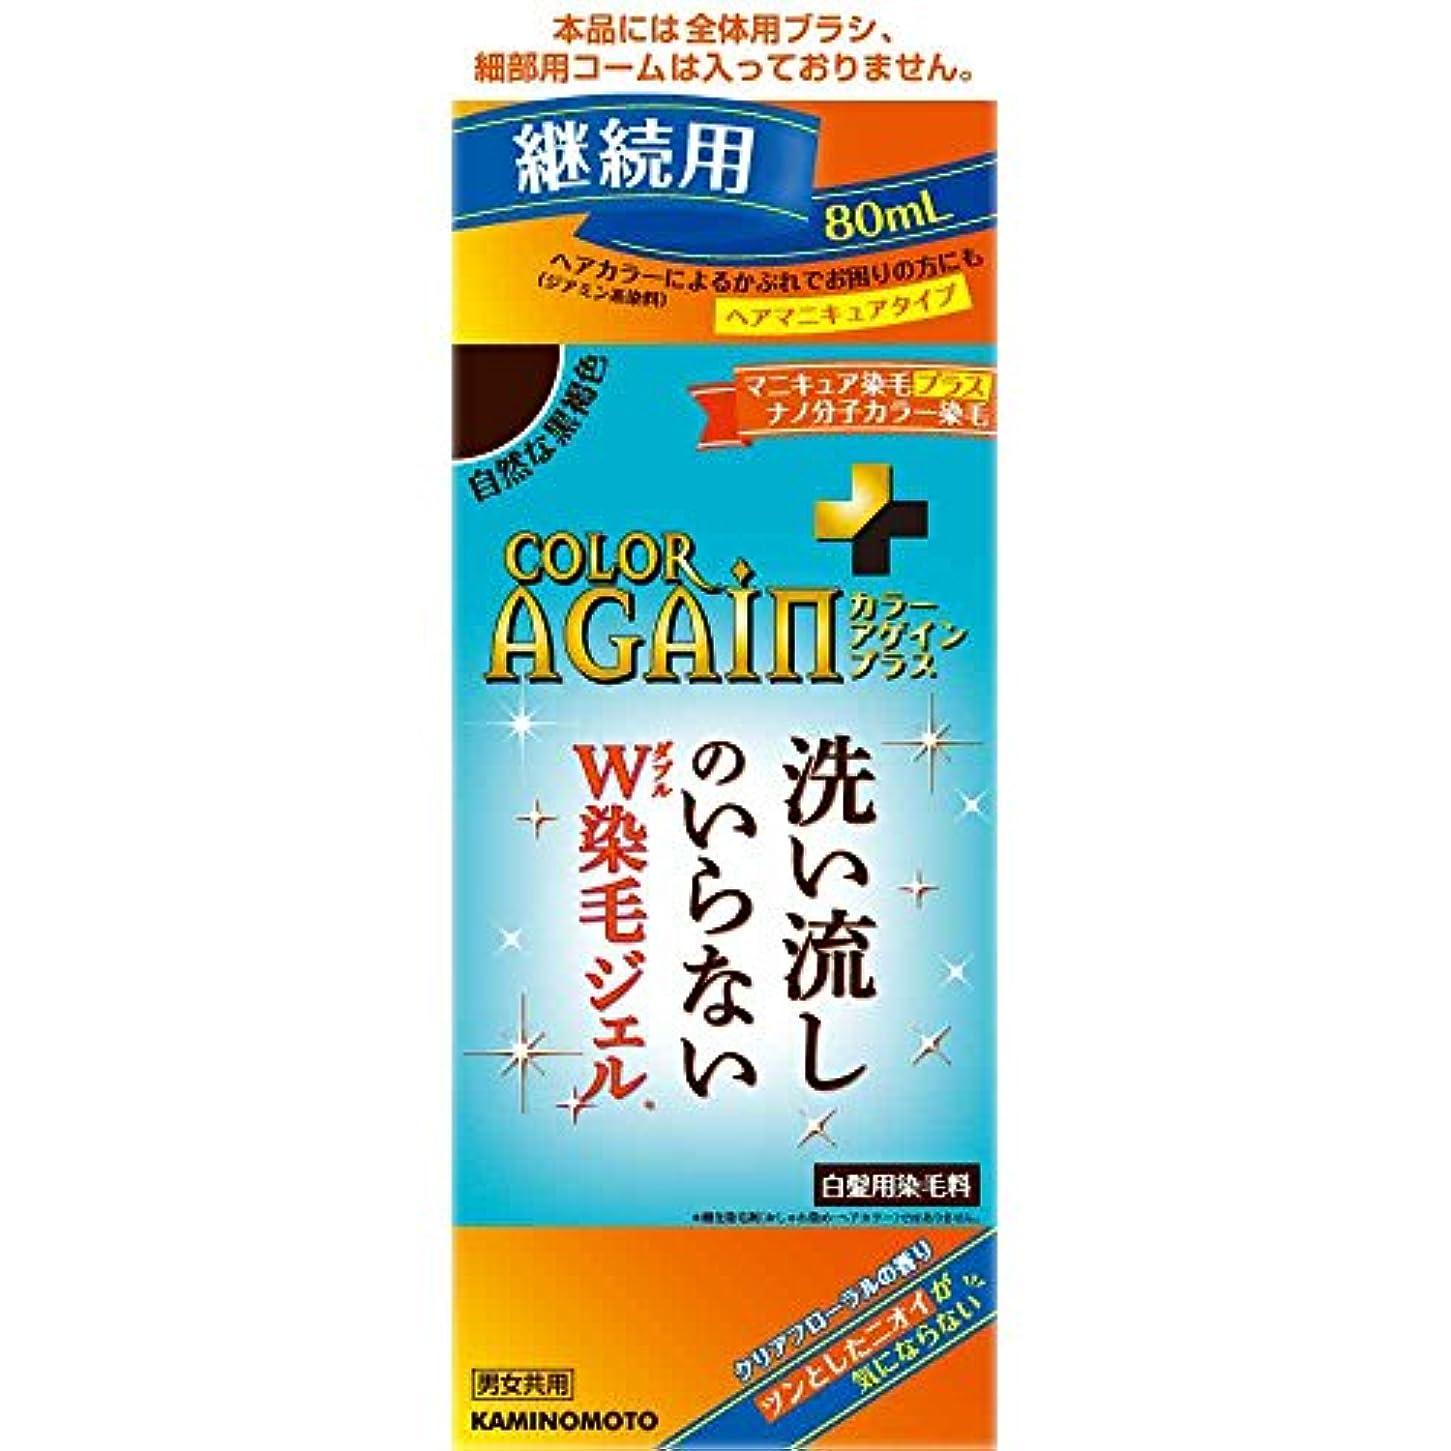 はず作成者目的カラーアゲインプラス 自然な黒褐色 継続用 80mL